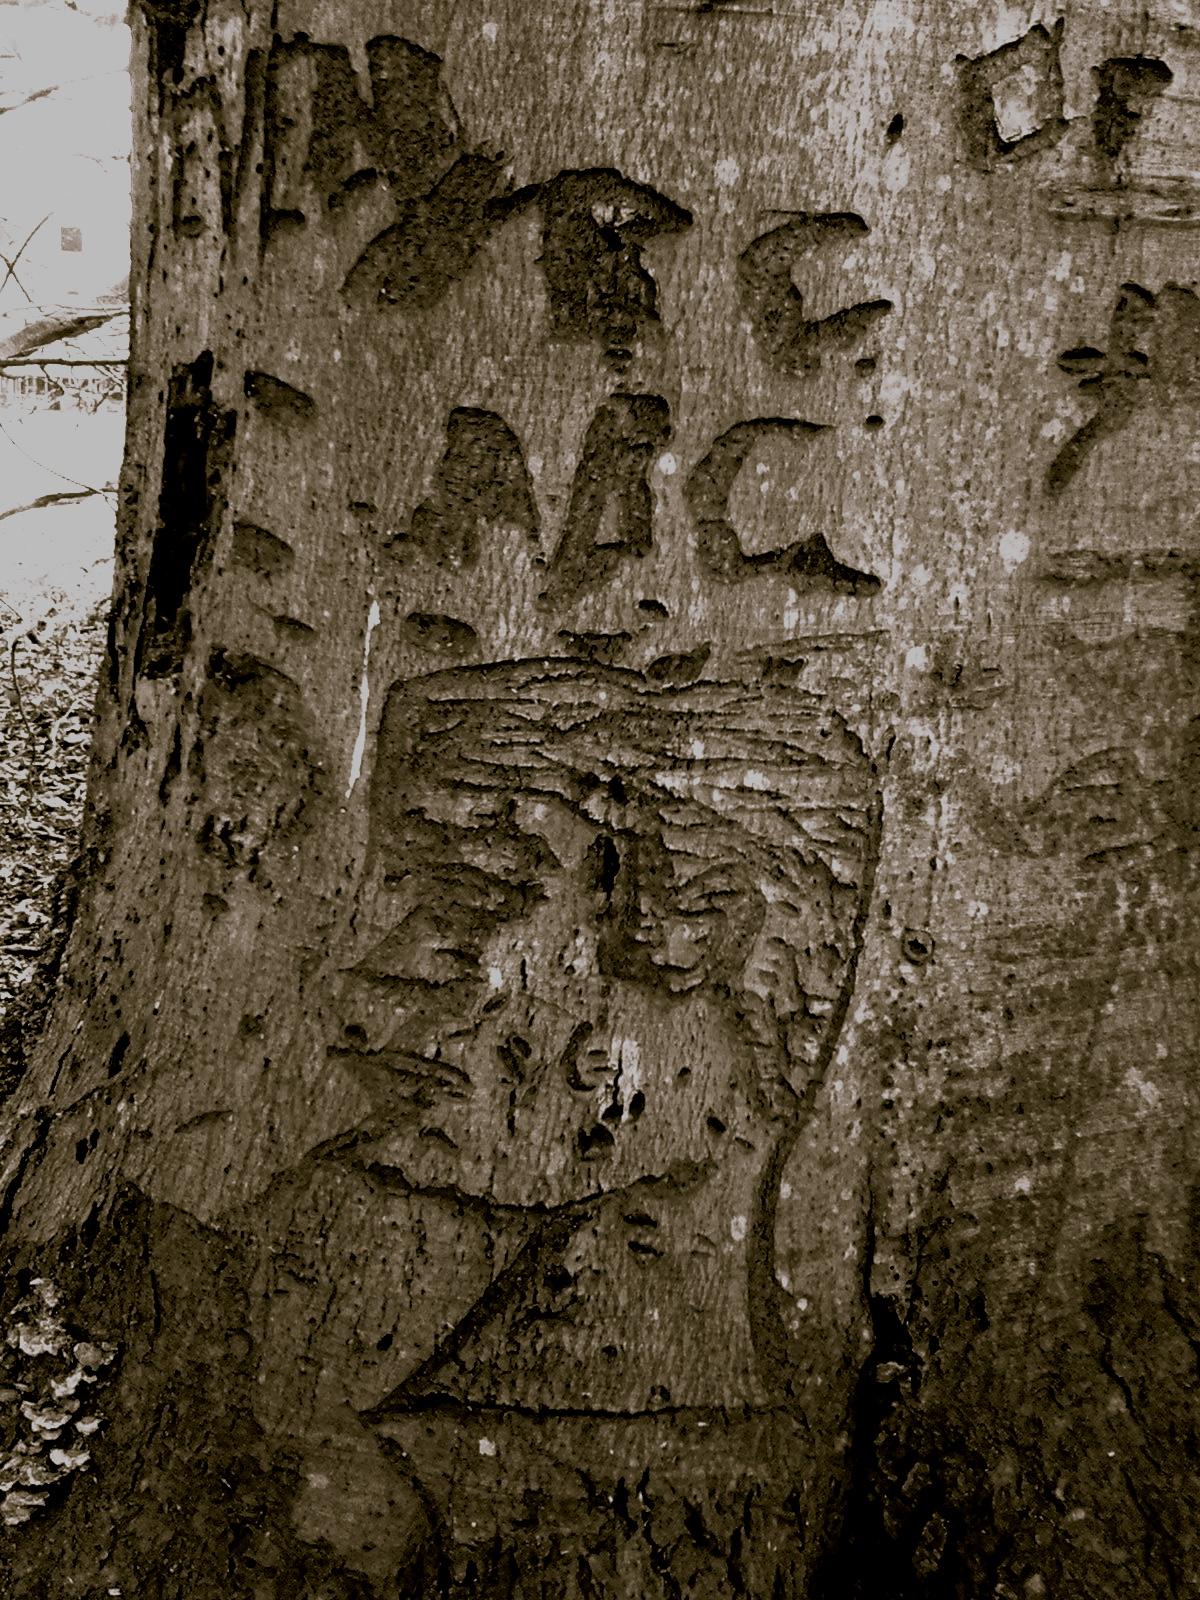 Face on tree.jpg